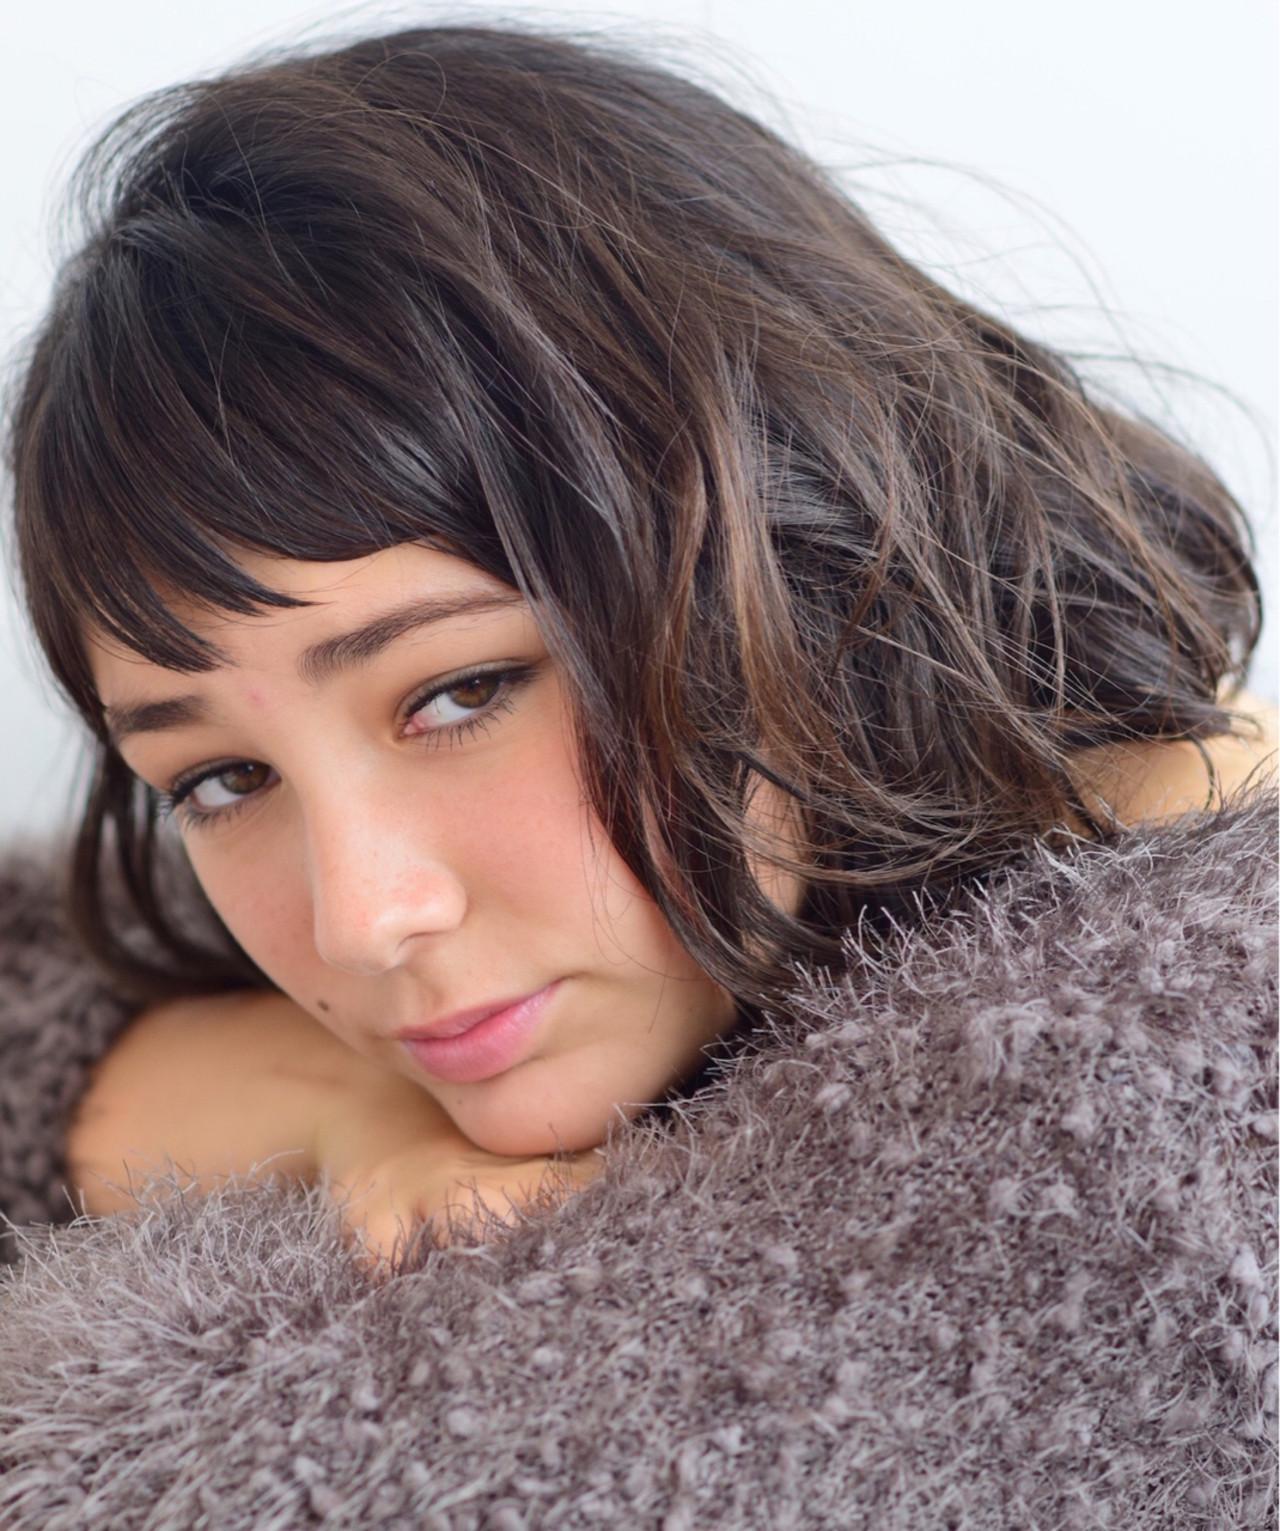 フリンジバング ナチュラル 抜け感 外国人風 ヘアスタイルや髪型の写真・画像 | 吉田直人 / tricca balcony hayama